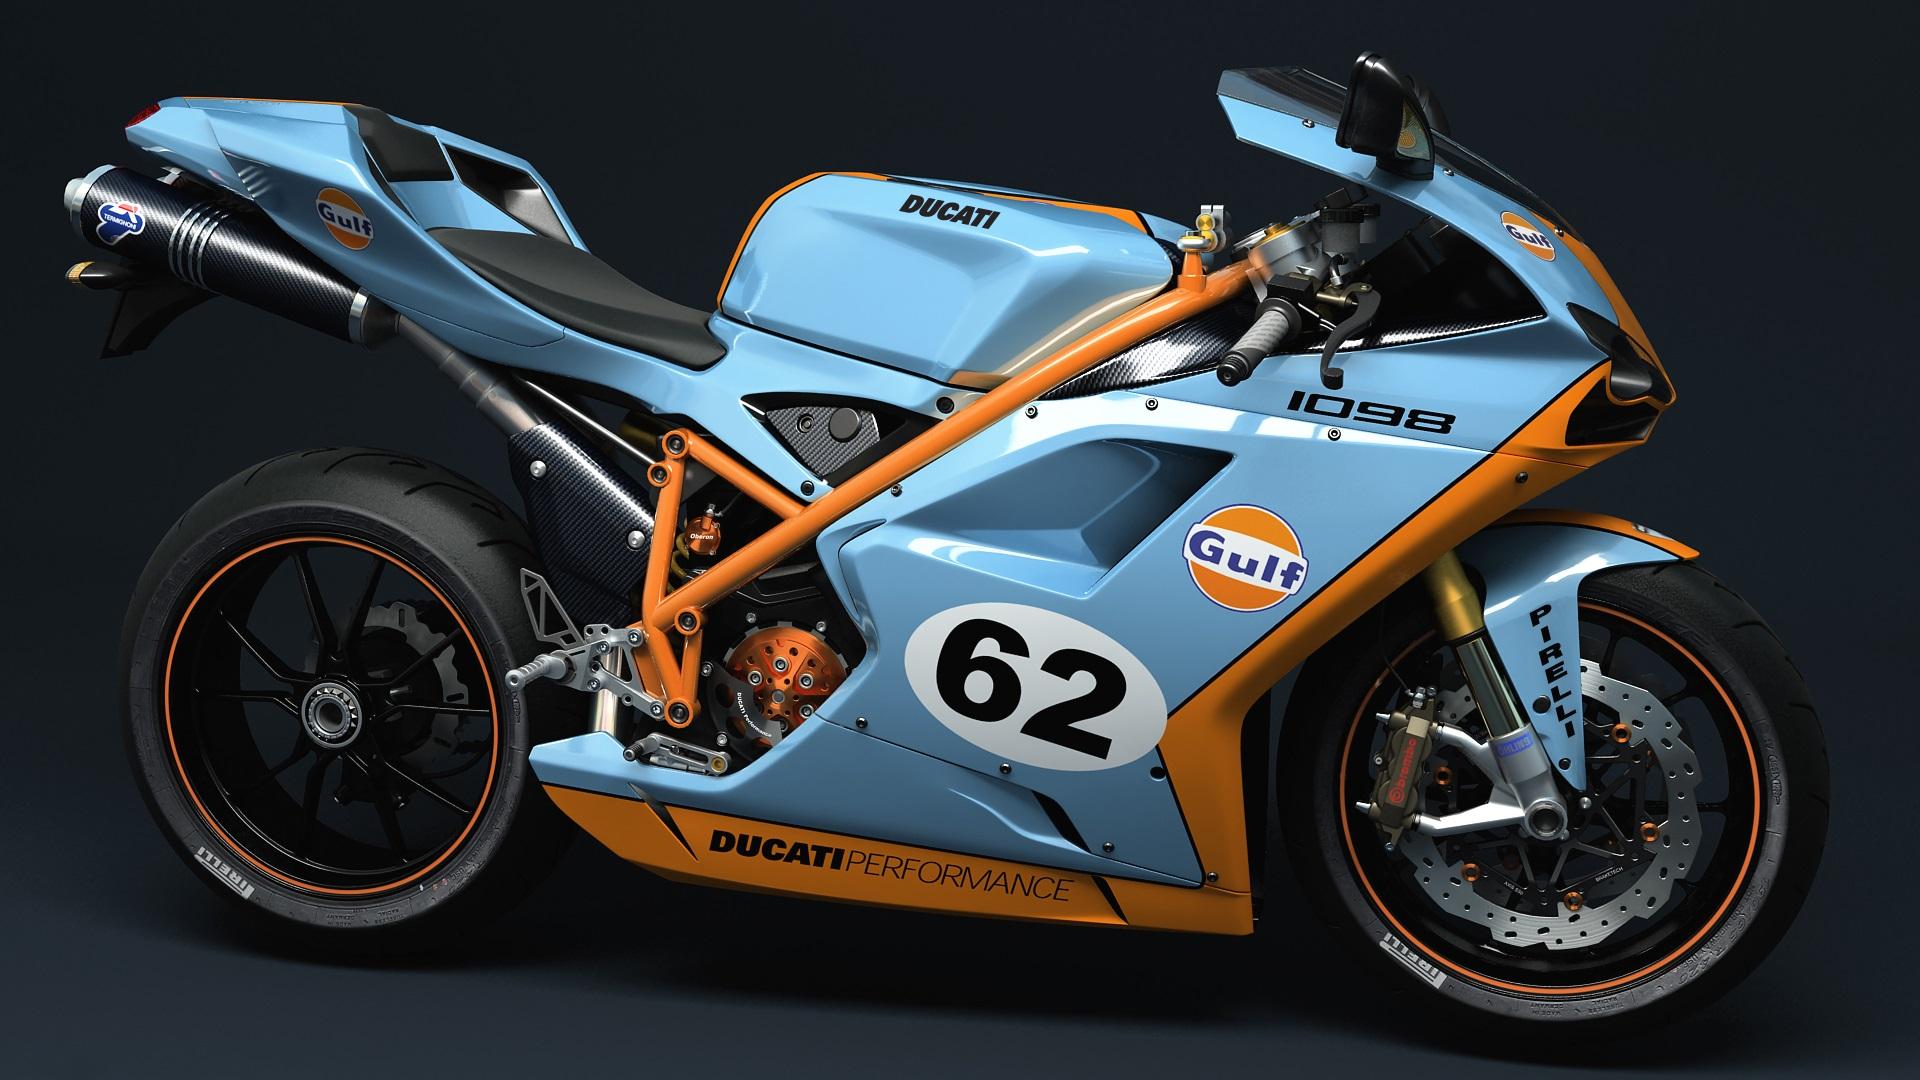 Fondos De Pantalla Ducati 1098 Golfo Motocicleta 1920x1080